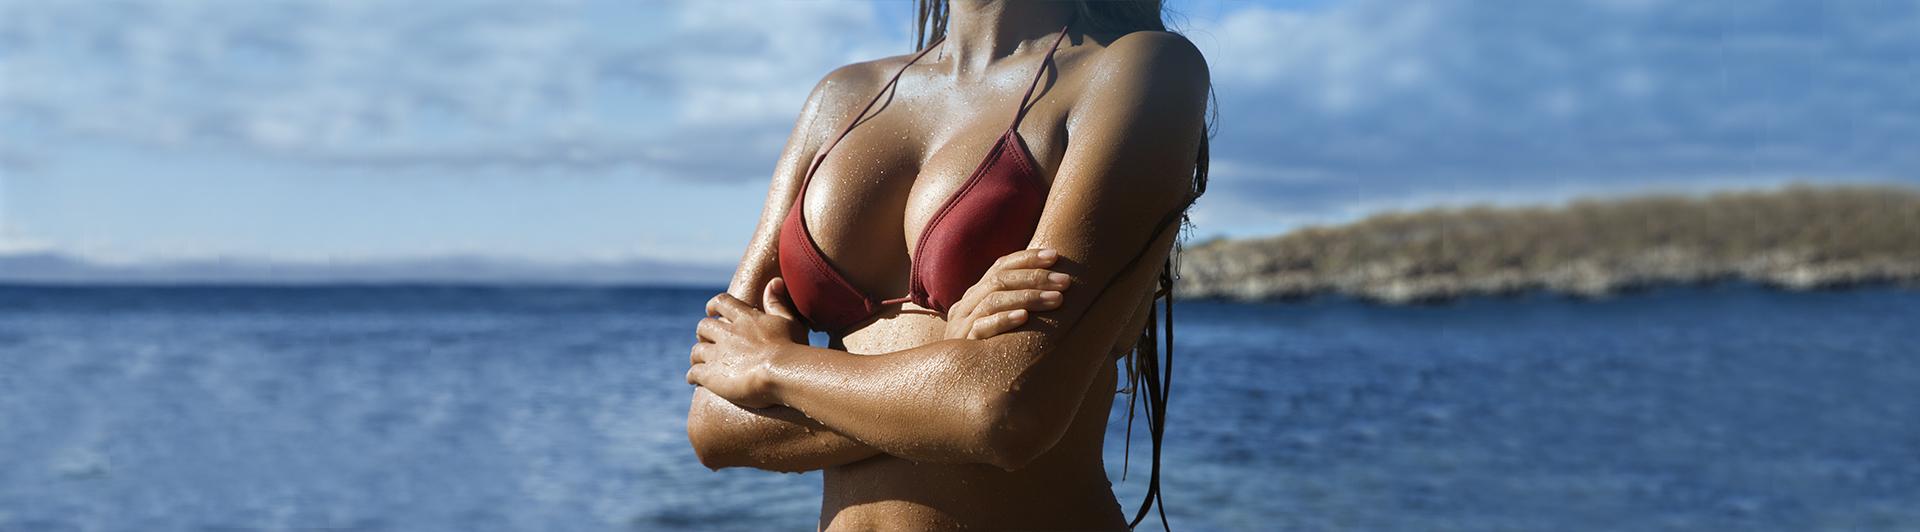 Breast Revision Surgery in Tarzana